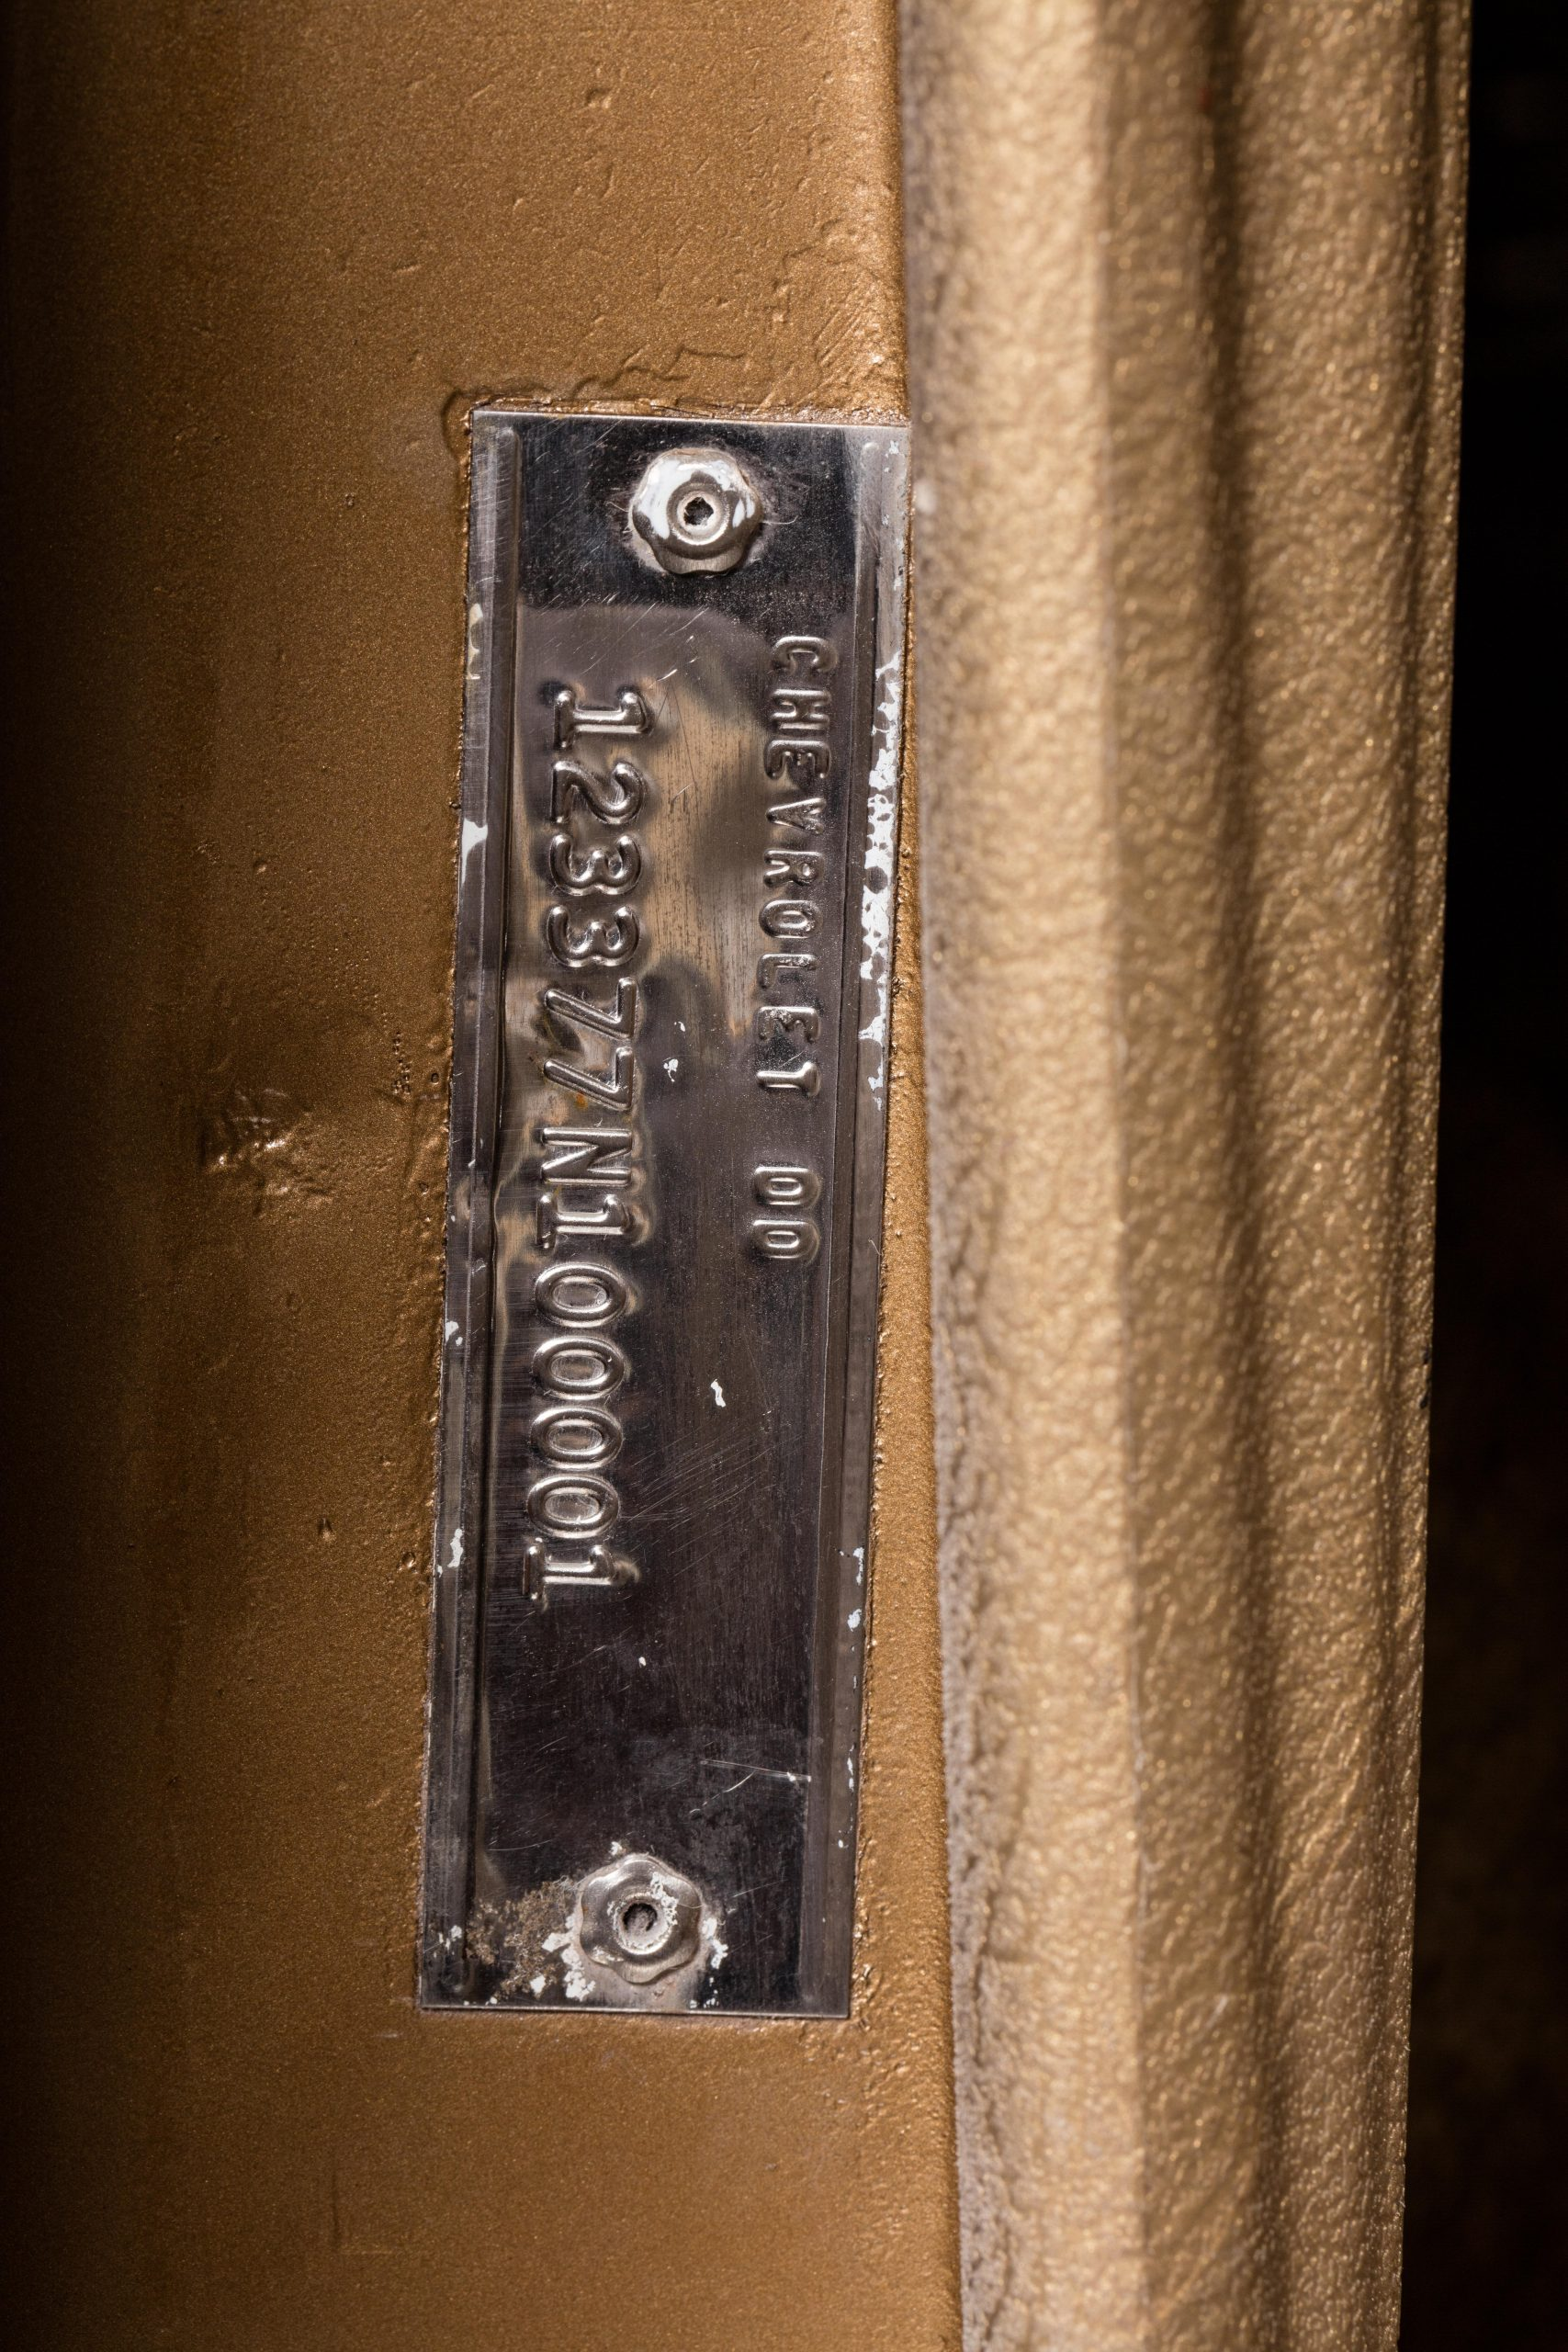 HVA - Chevrolet Camaro N100001 - Closeup VIN plate in door